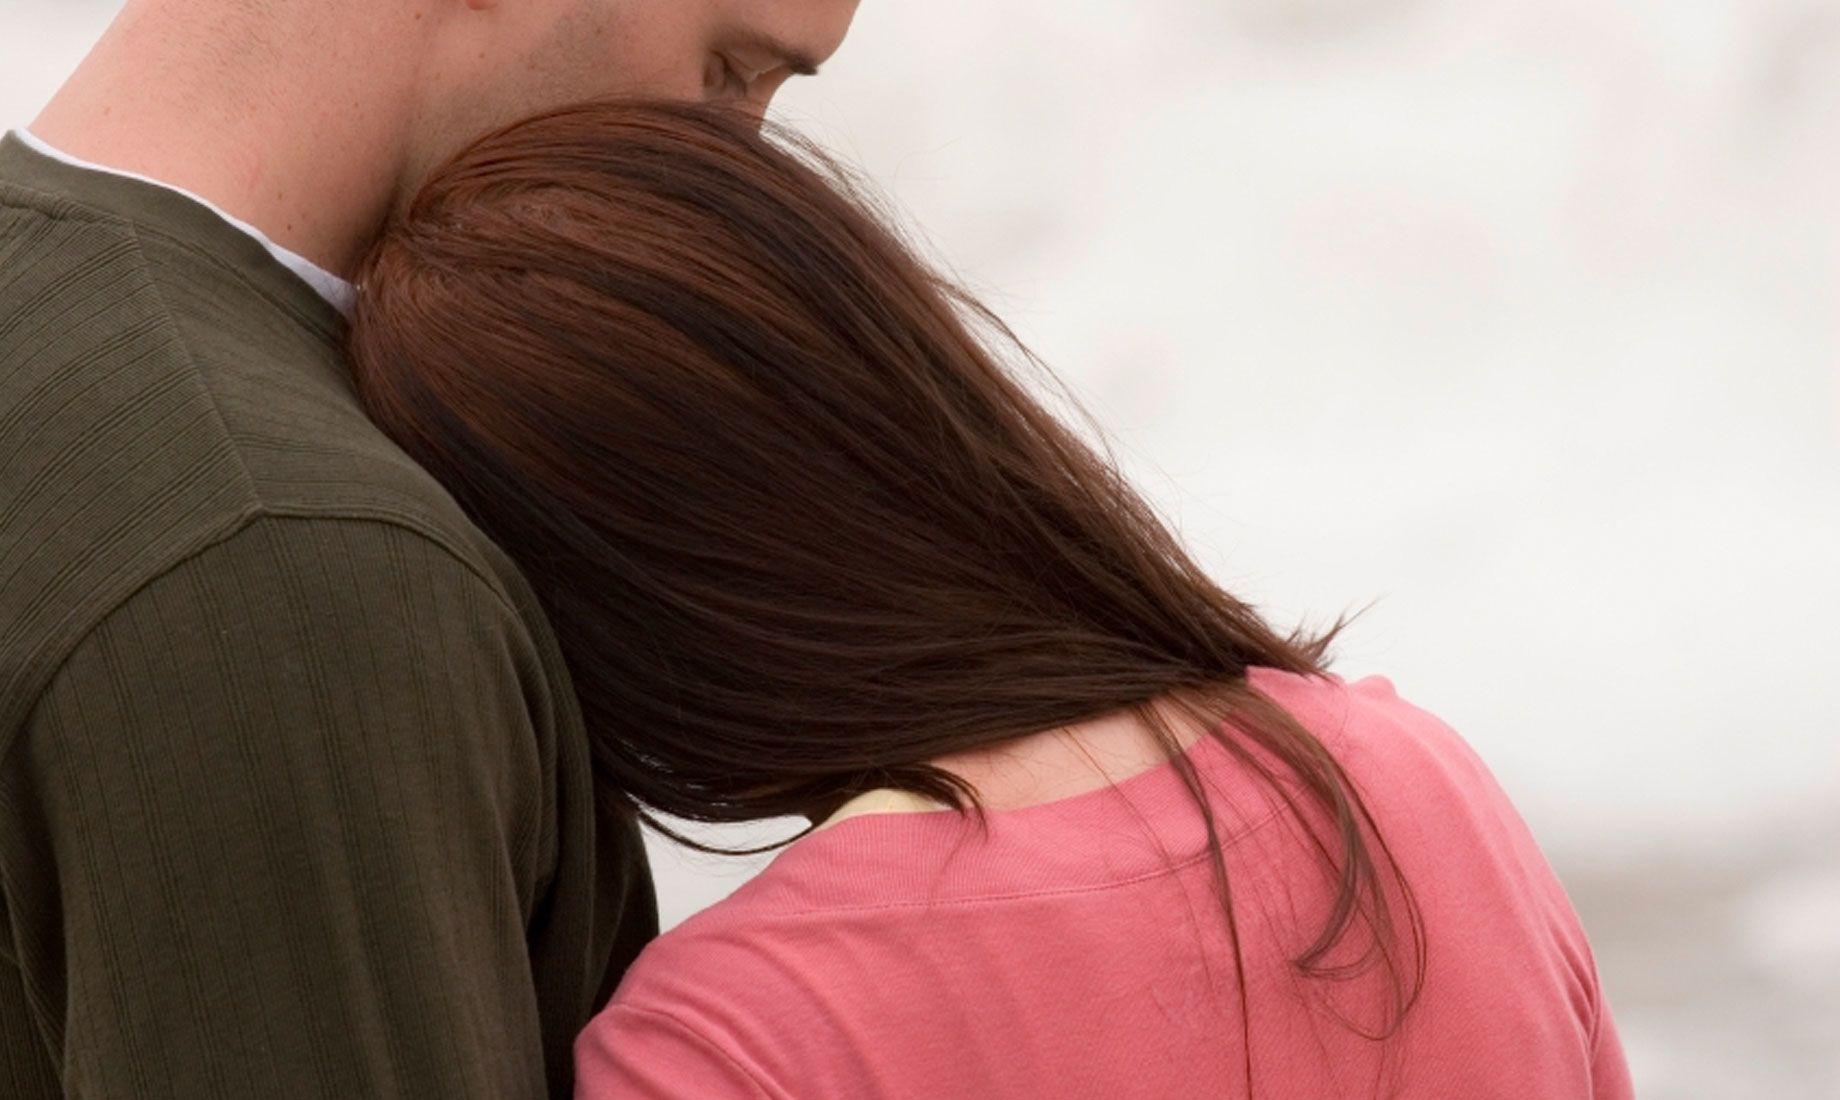 女患者靠在男伴侣的肩膀上